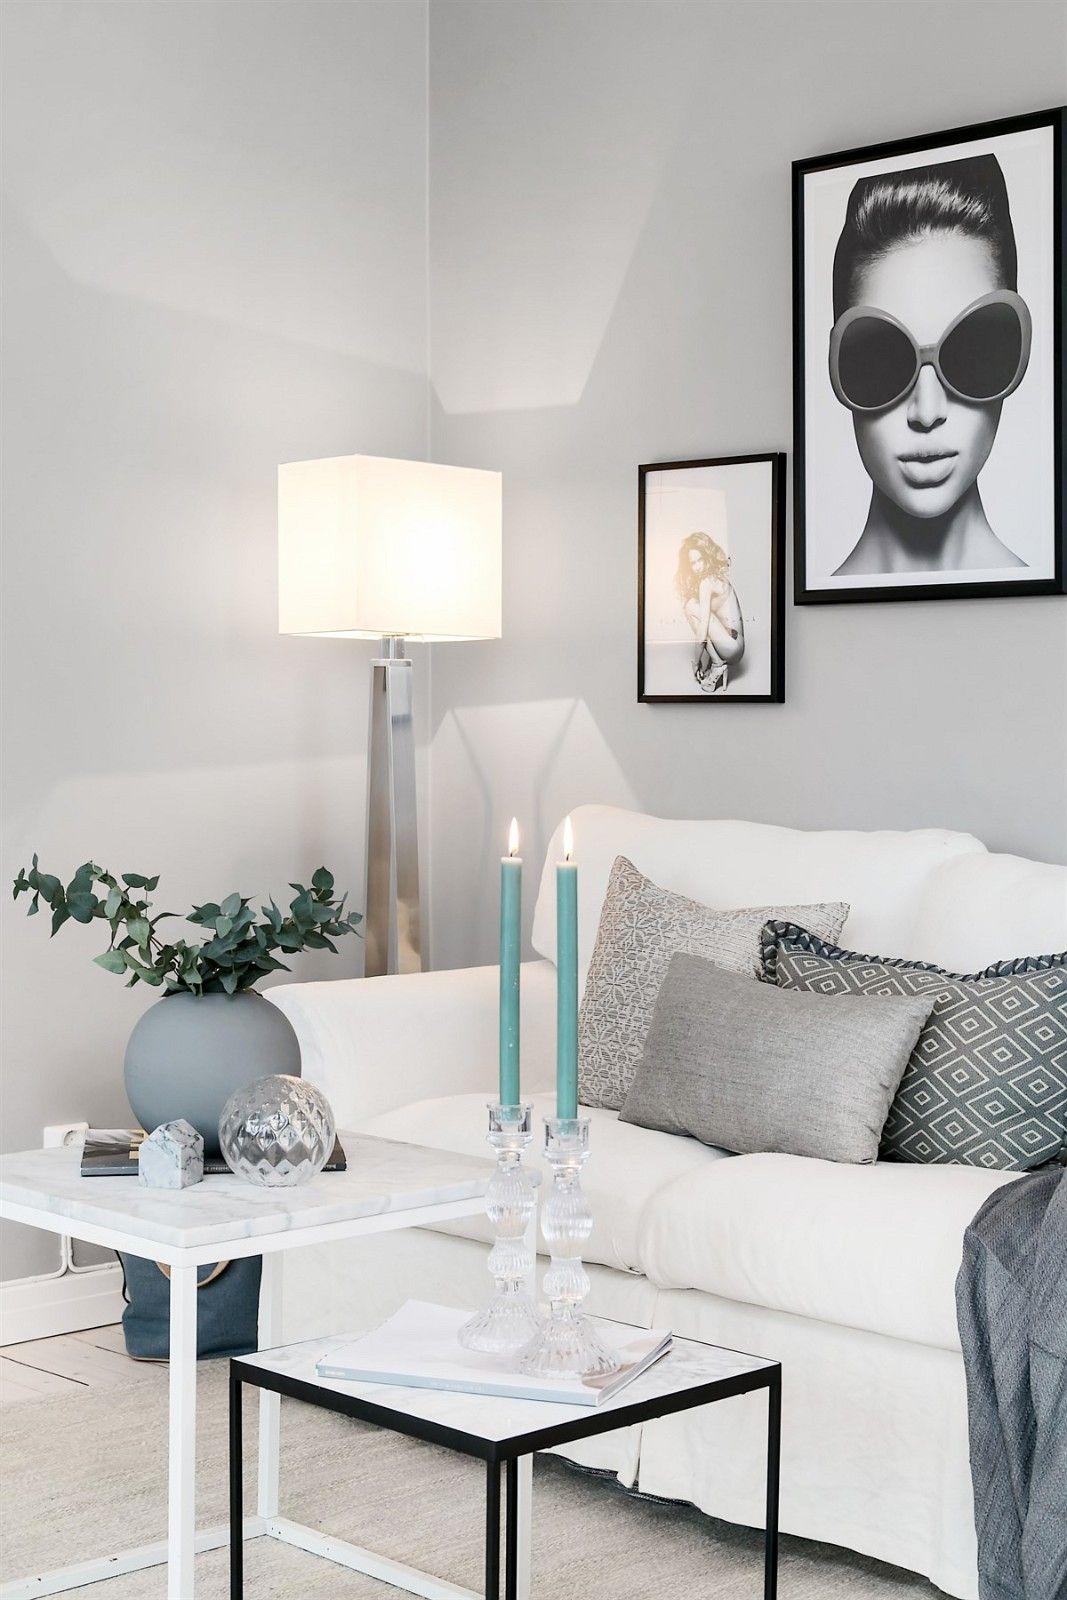 диван столик вазы свечи  напольная лампа торшер